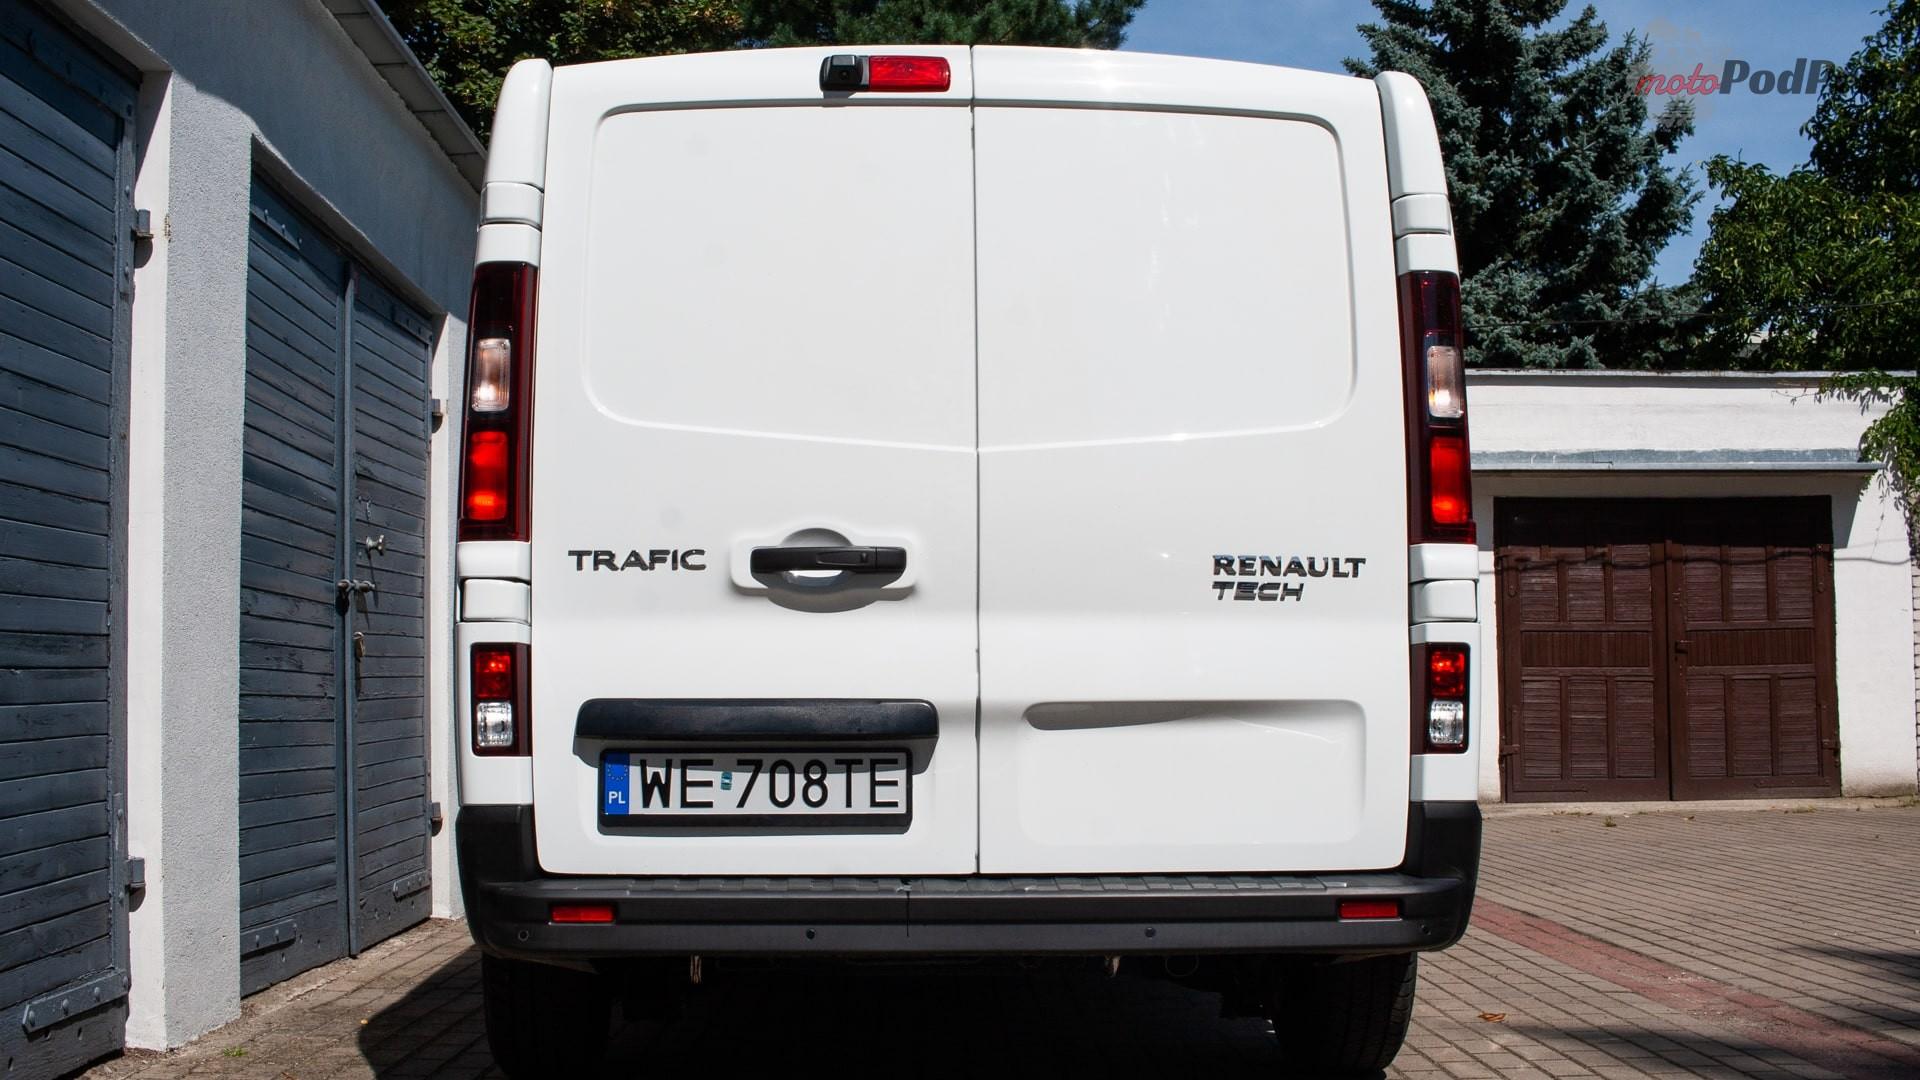 renault trafic 21 Test: Renault Trafic furgon z zabudową Renault Tech – mobilny serwis